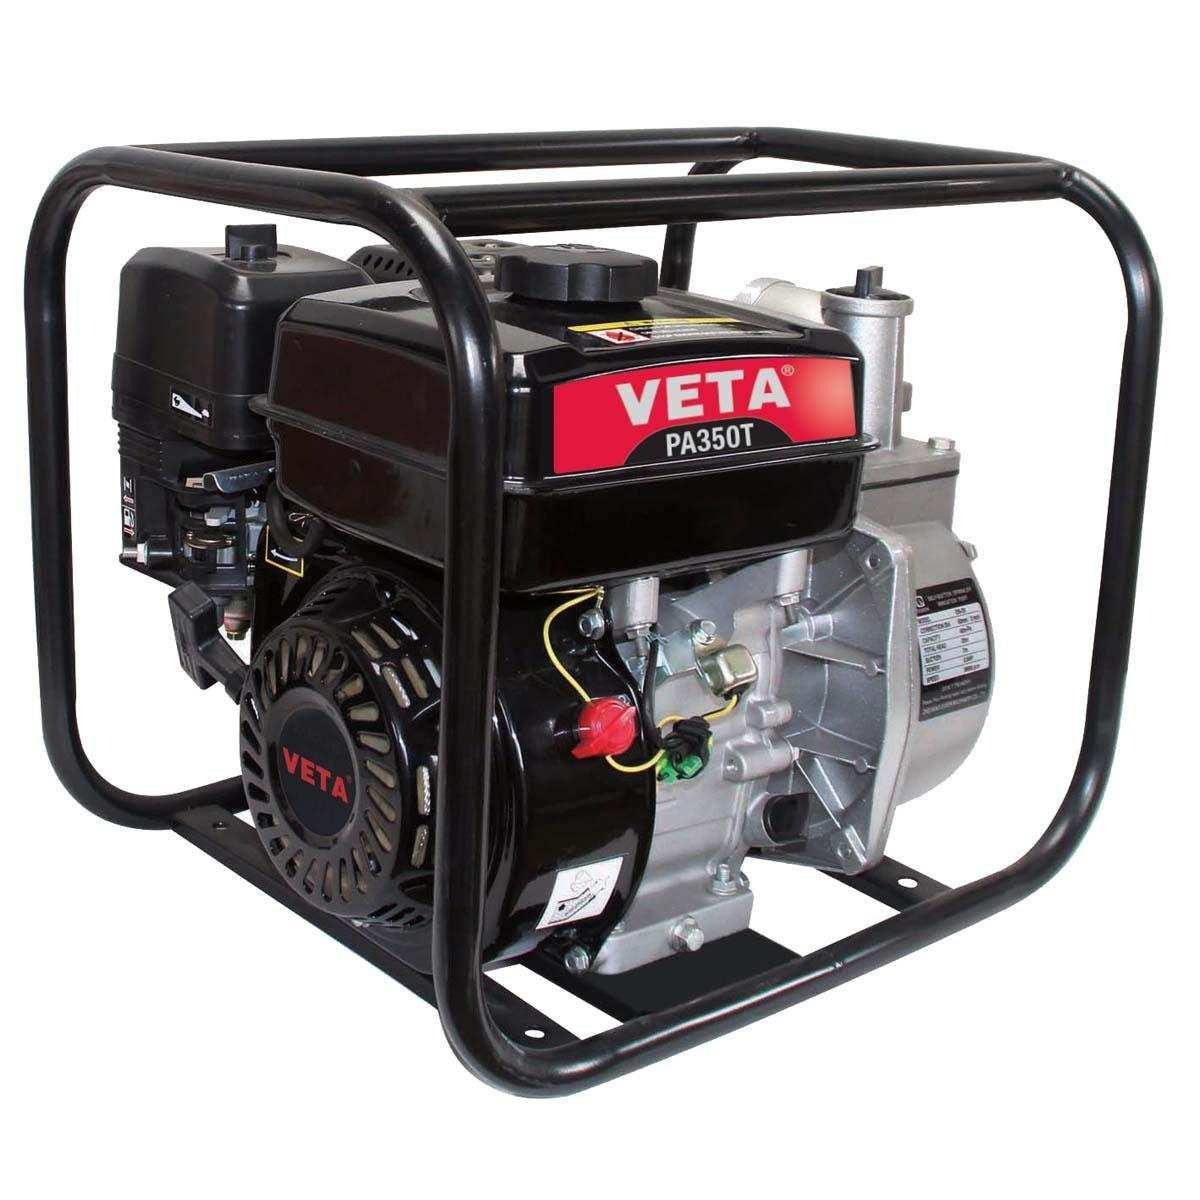 Veta PA350T Su Motoru 3